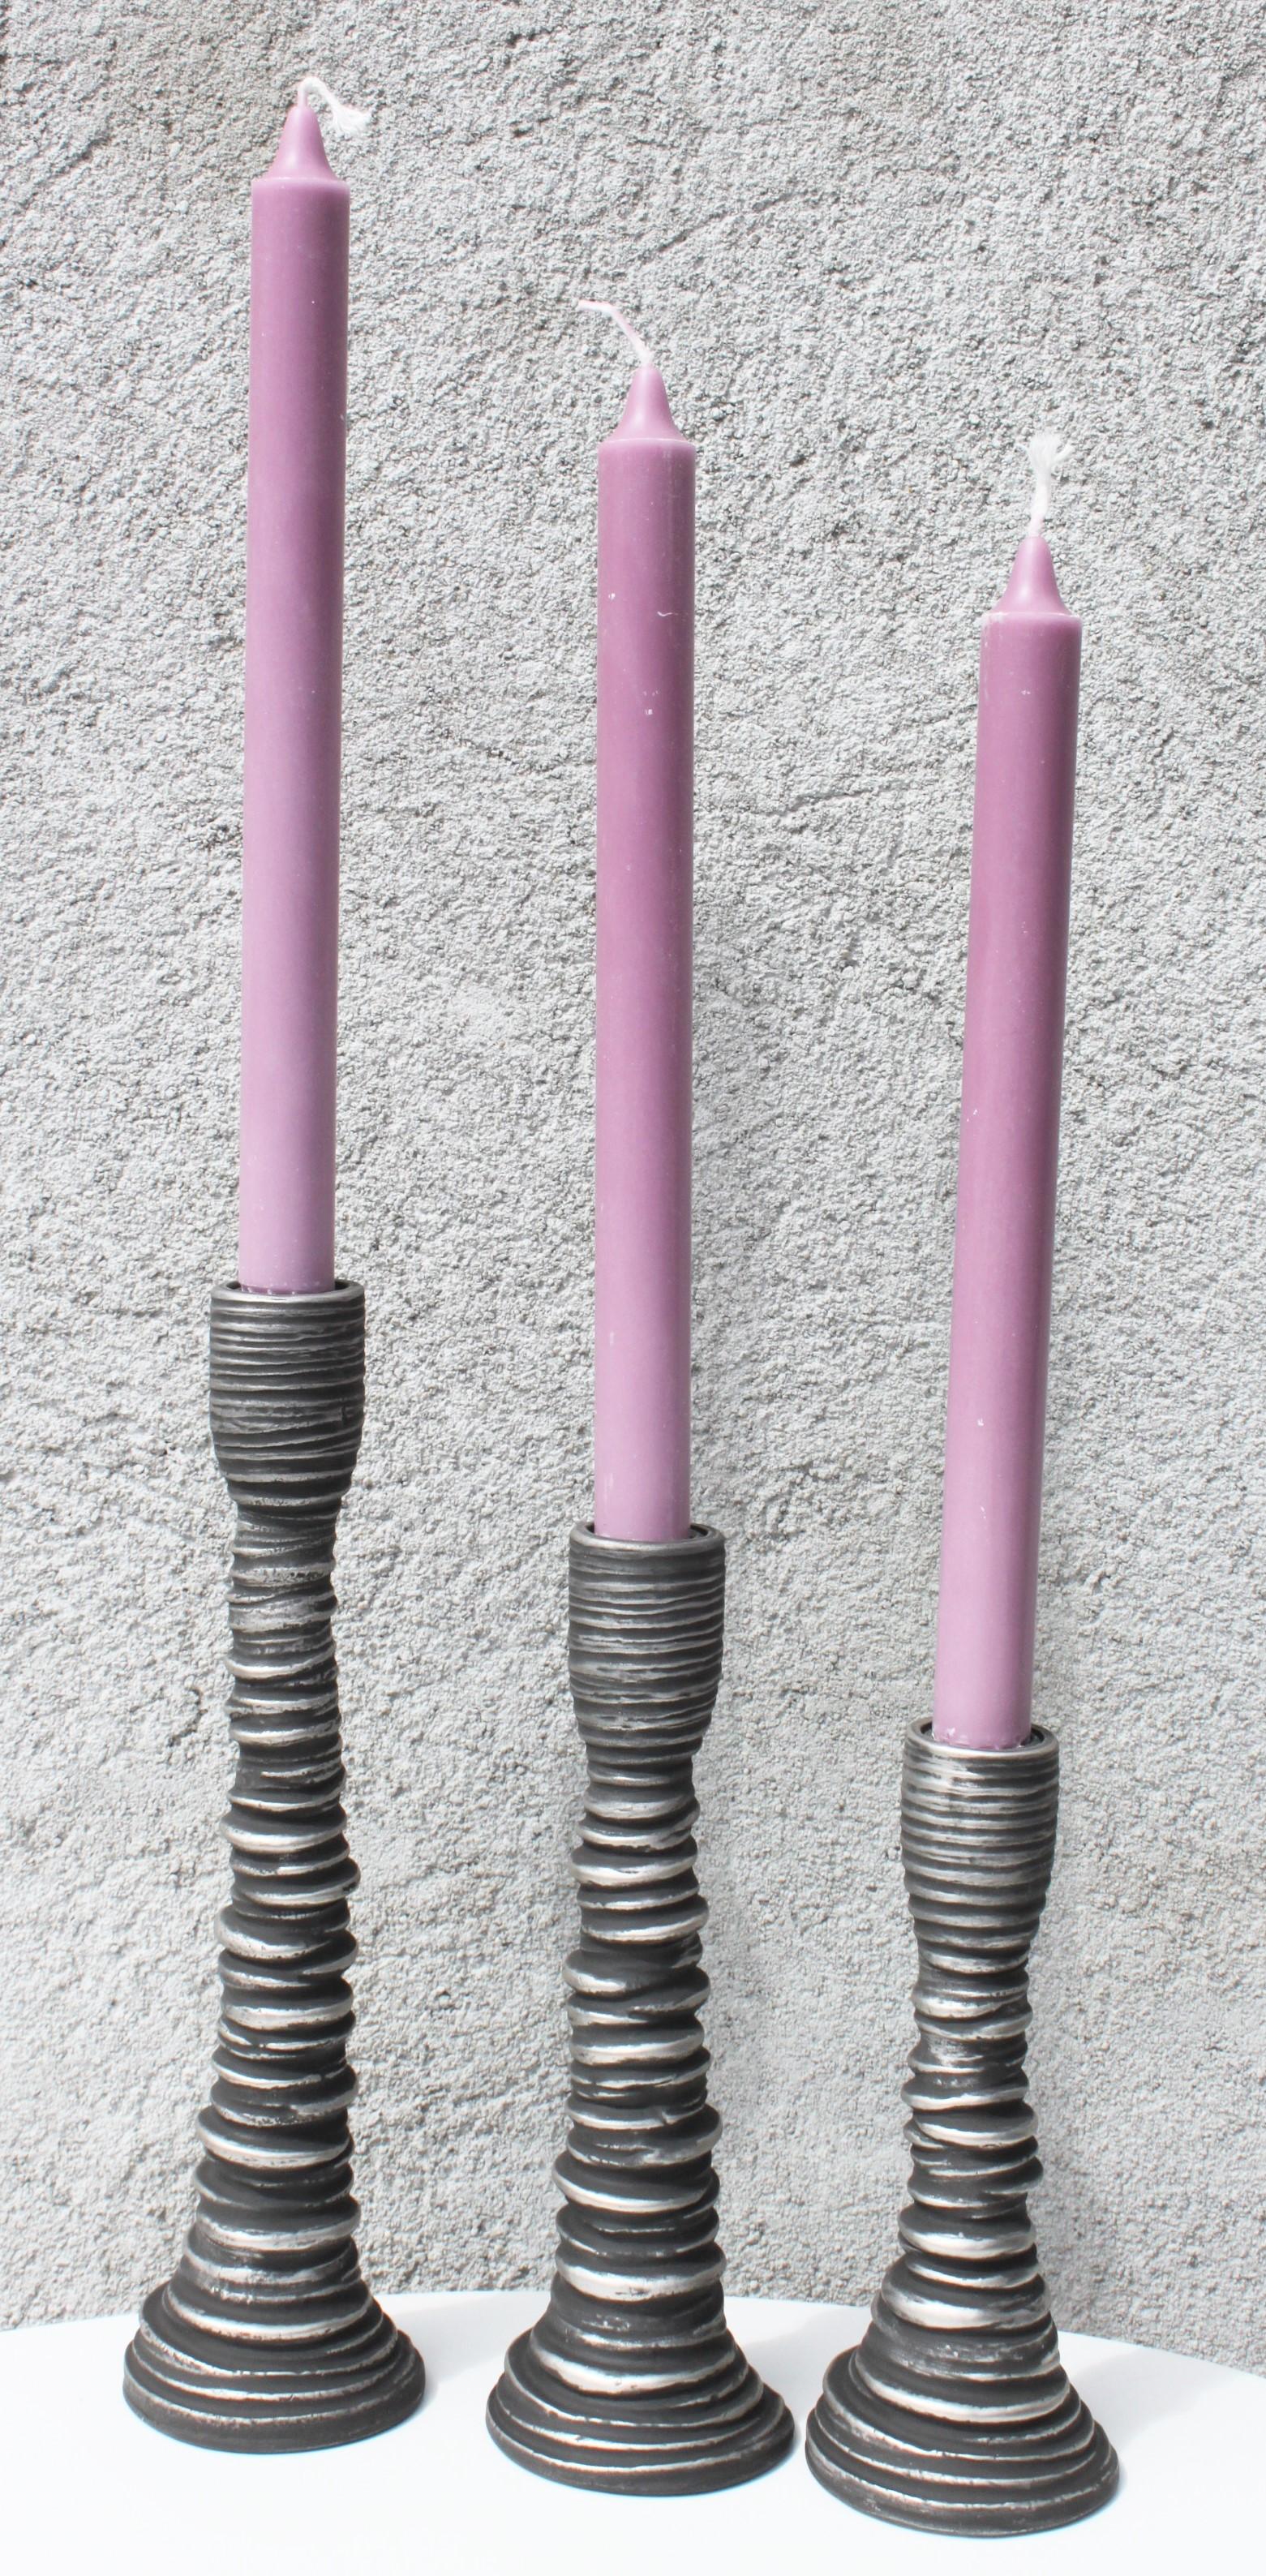 Flott Sett med 3 lysestaker, Krum - farge sort og sølv - Lillesand Design AS UN-24